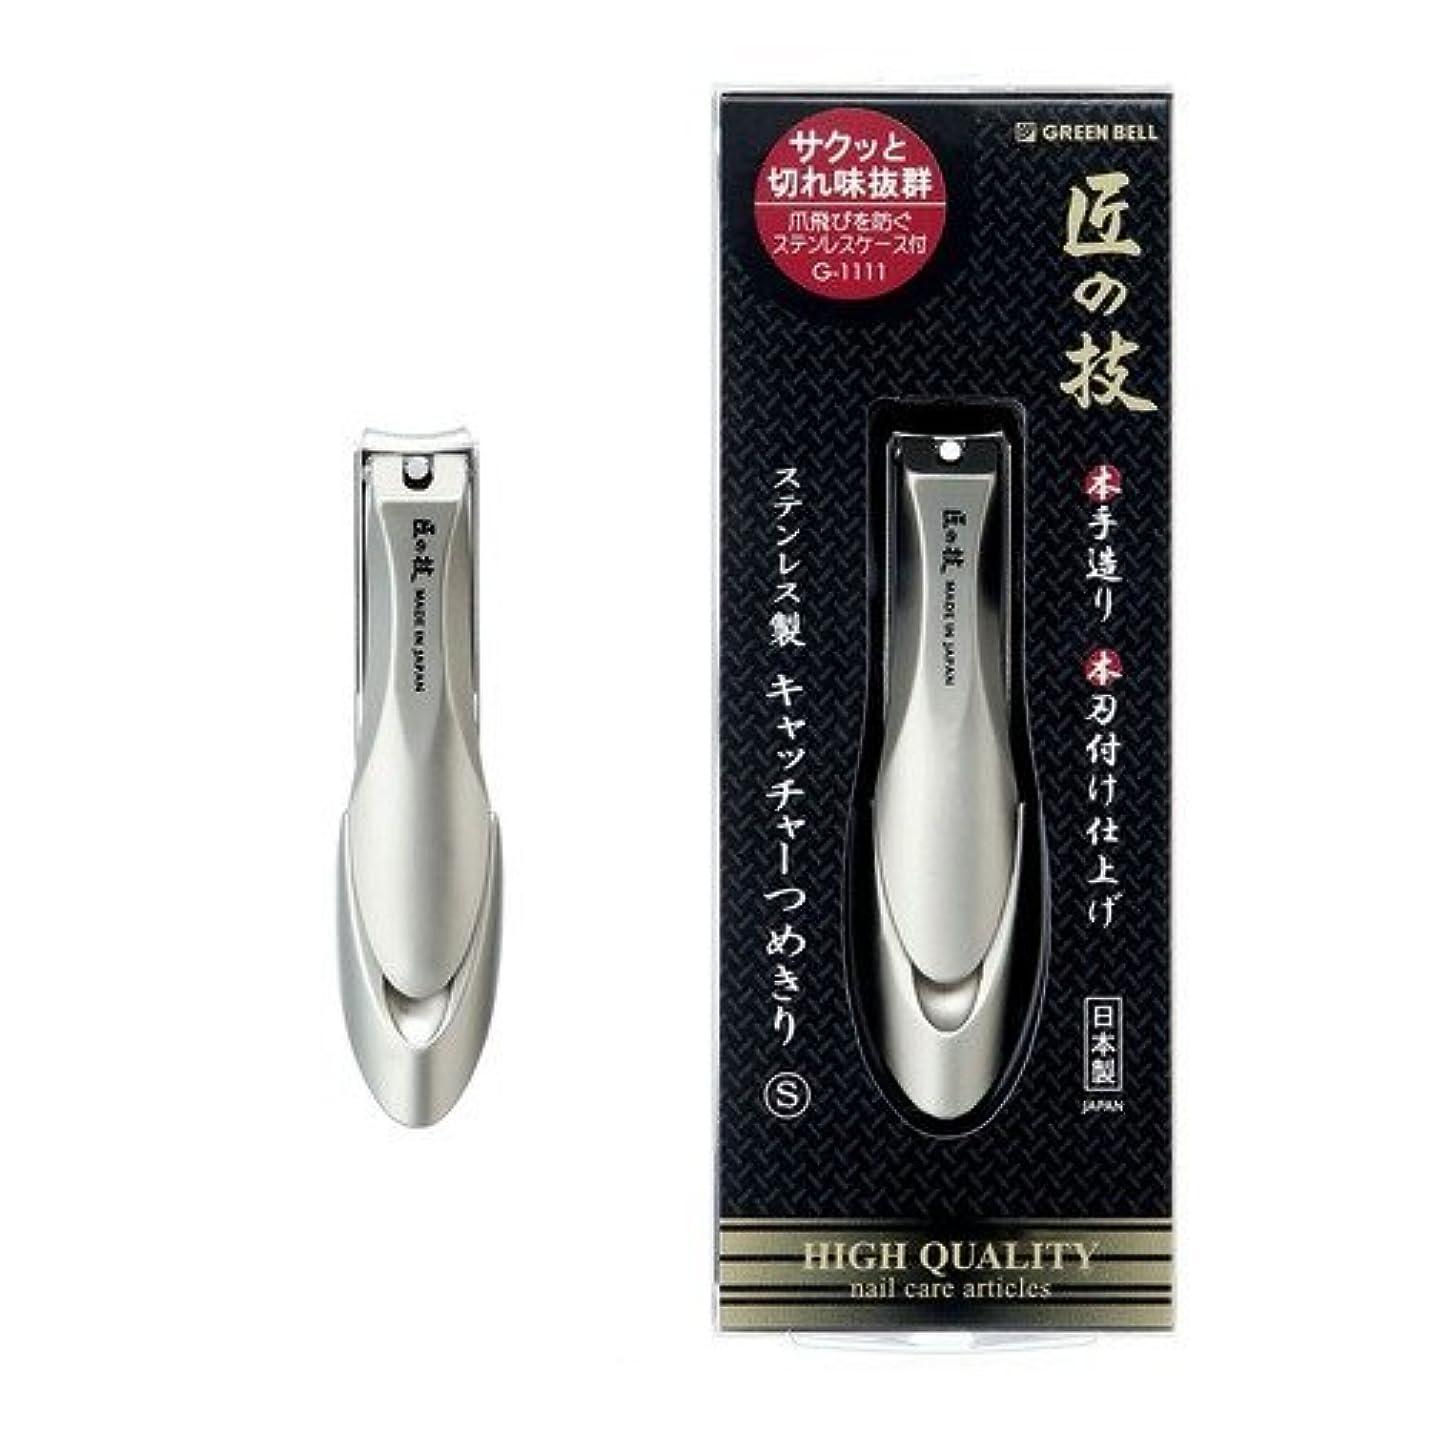 アーサーコナンドイル不器用比喩匠の技 ステンレス製キャッチャー爪切り Sサイズ G-1111